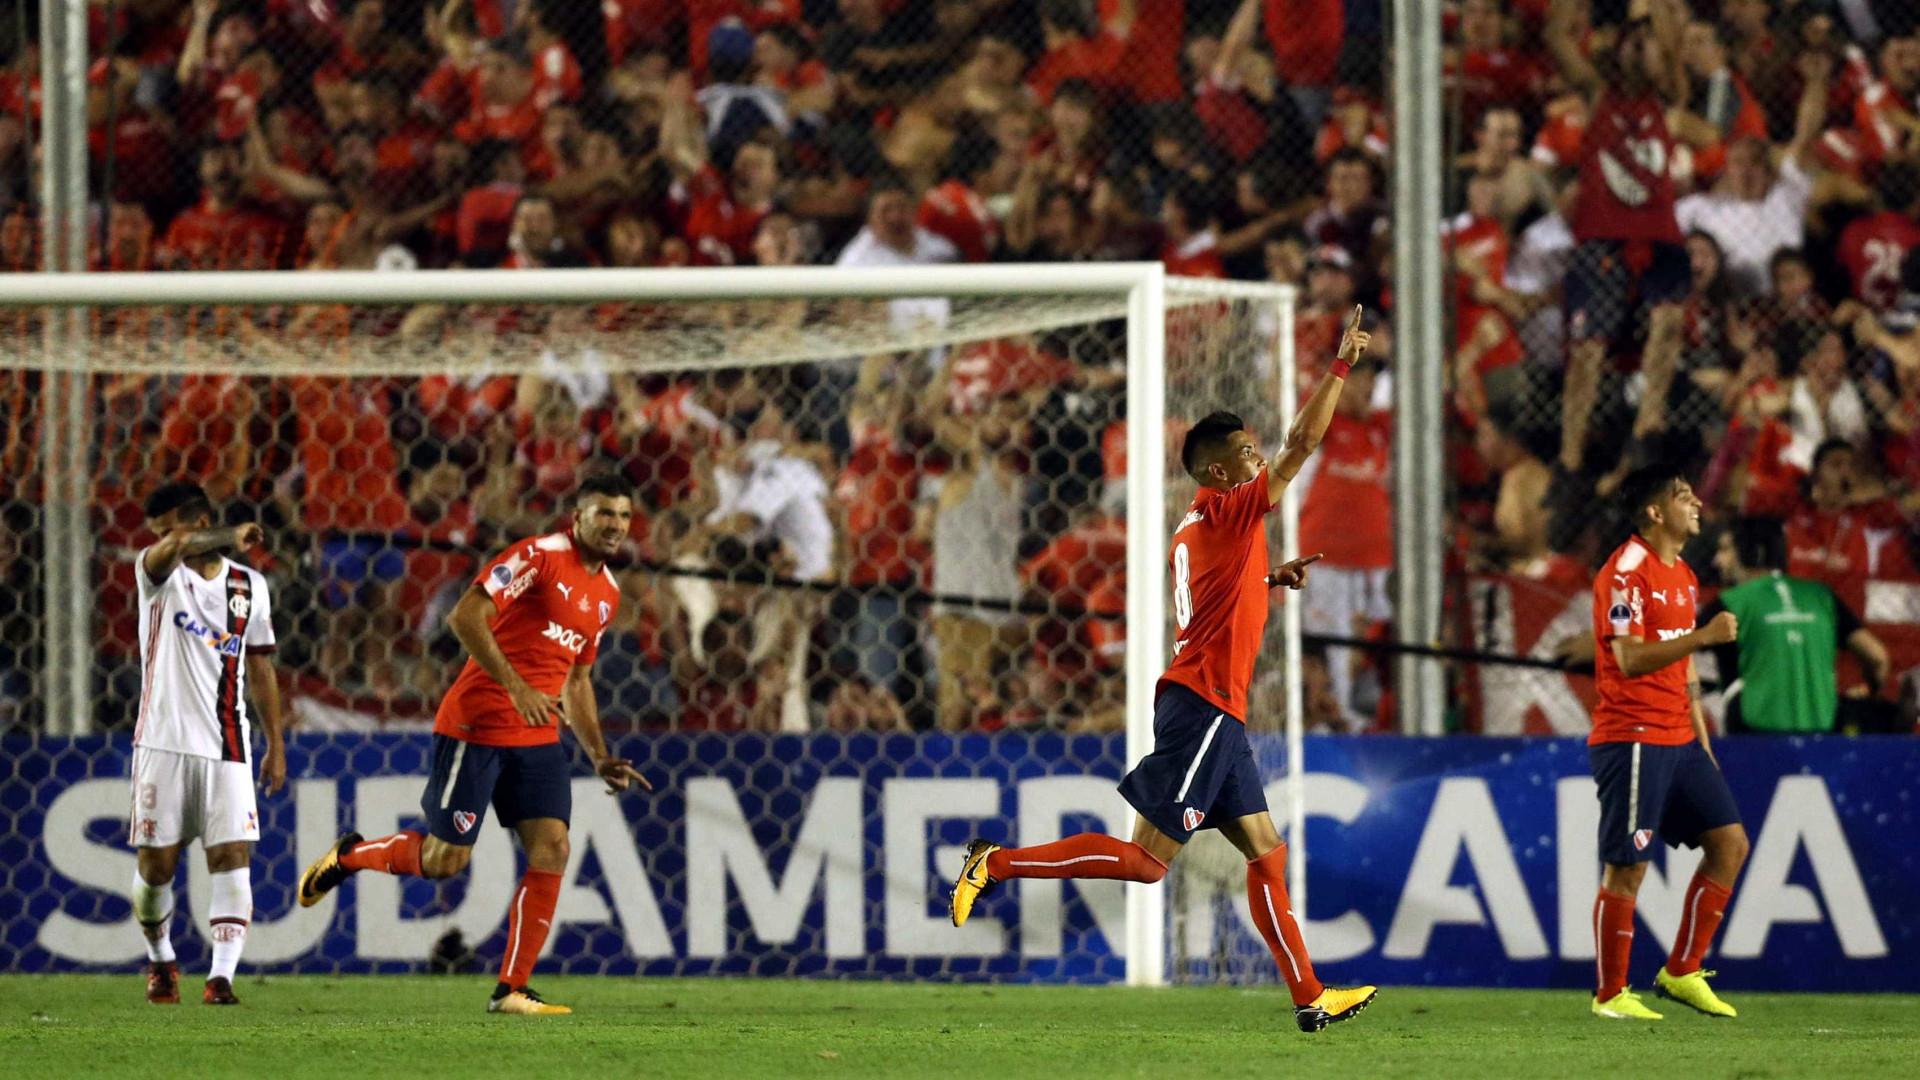 Independiente entra a vencer na final da Taça Sul-americana